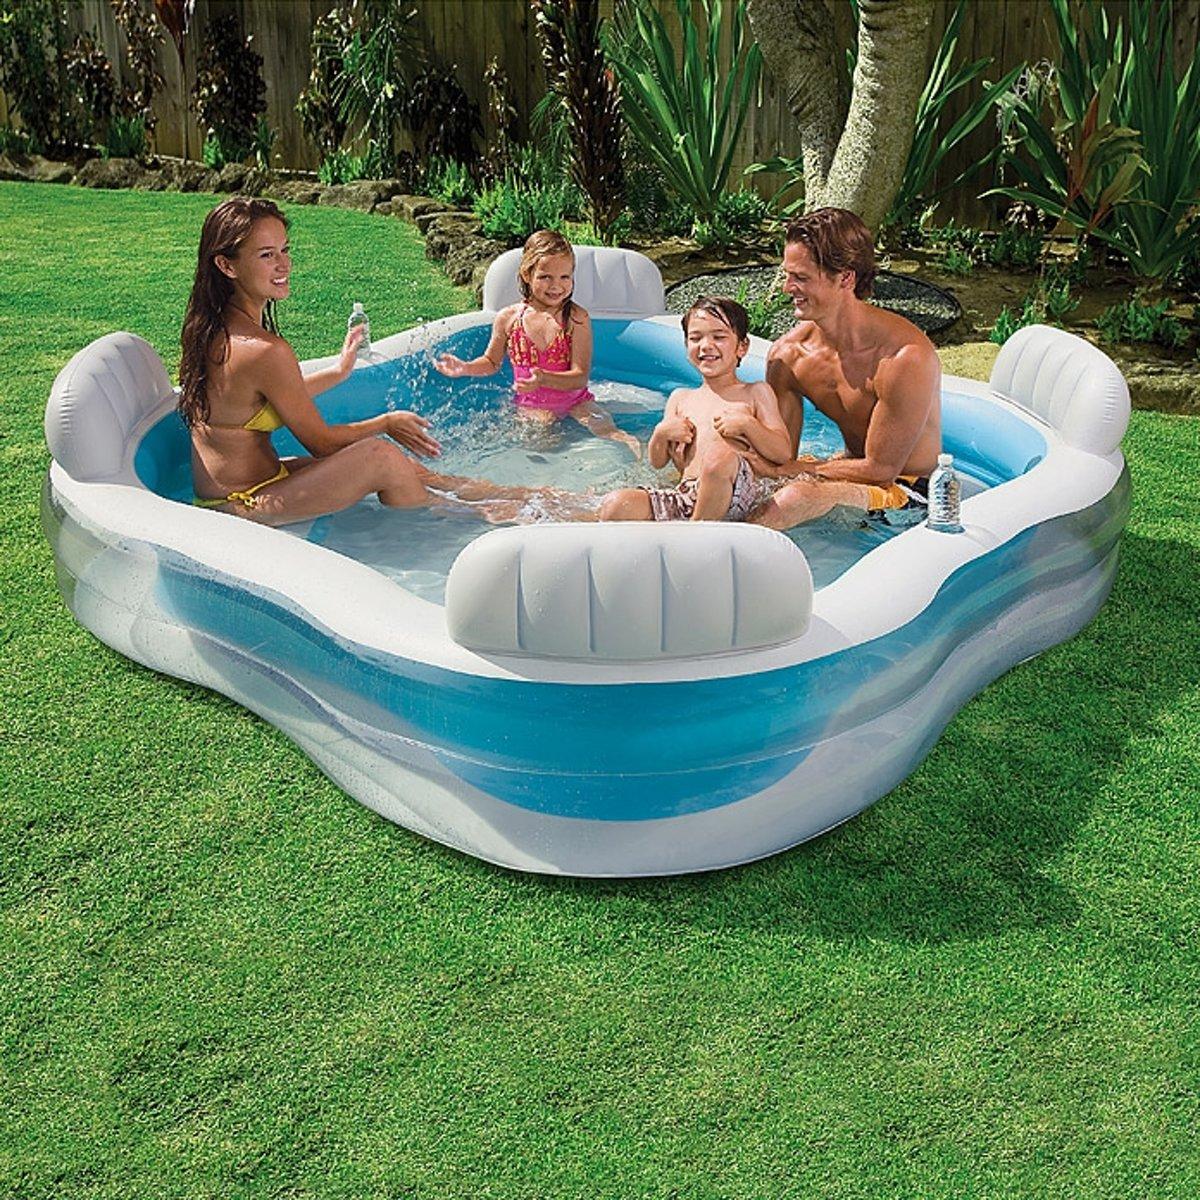 Luxe Opblaasbaar Familie Zwembad met Ingebouwde Zitjes - 229 x 229 x 66 CM - Opblaasbare - Family Zwembad Speelgoed - Luchtbed - Water - Familiebad